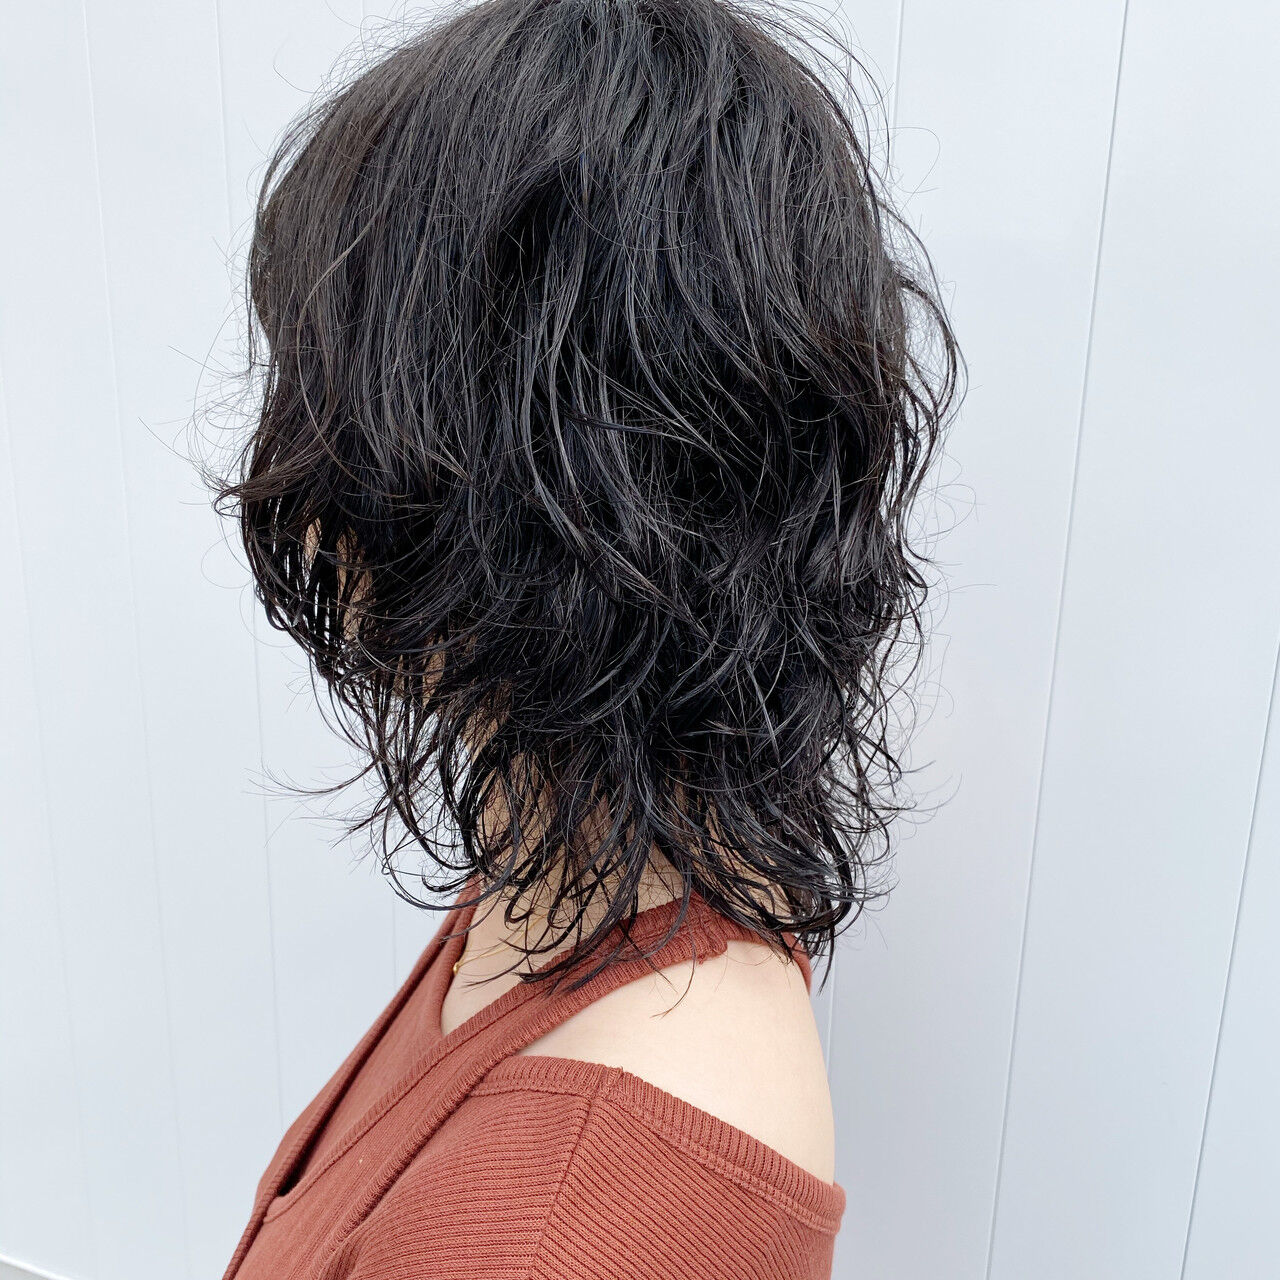 ウルフ マッシュウルフ ニュアンスウルフ ミディアムヘアスタイルや髪型の写真・画像